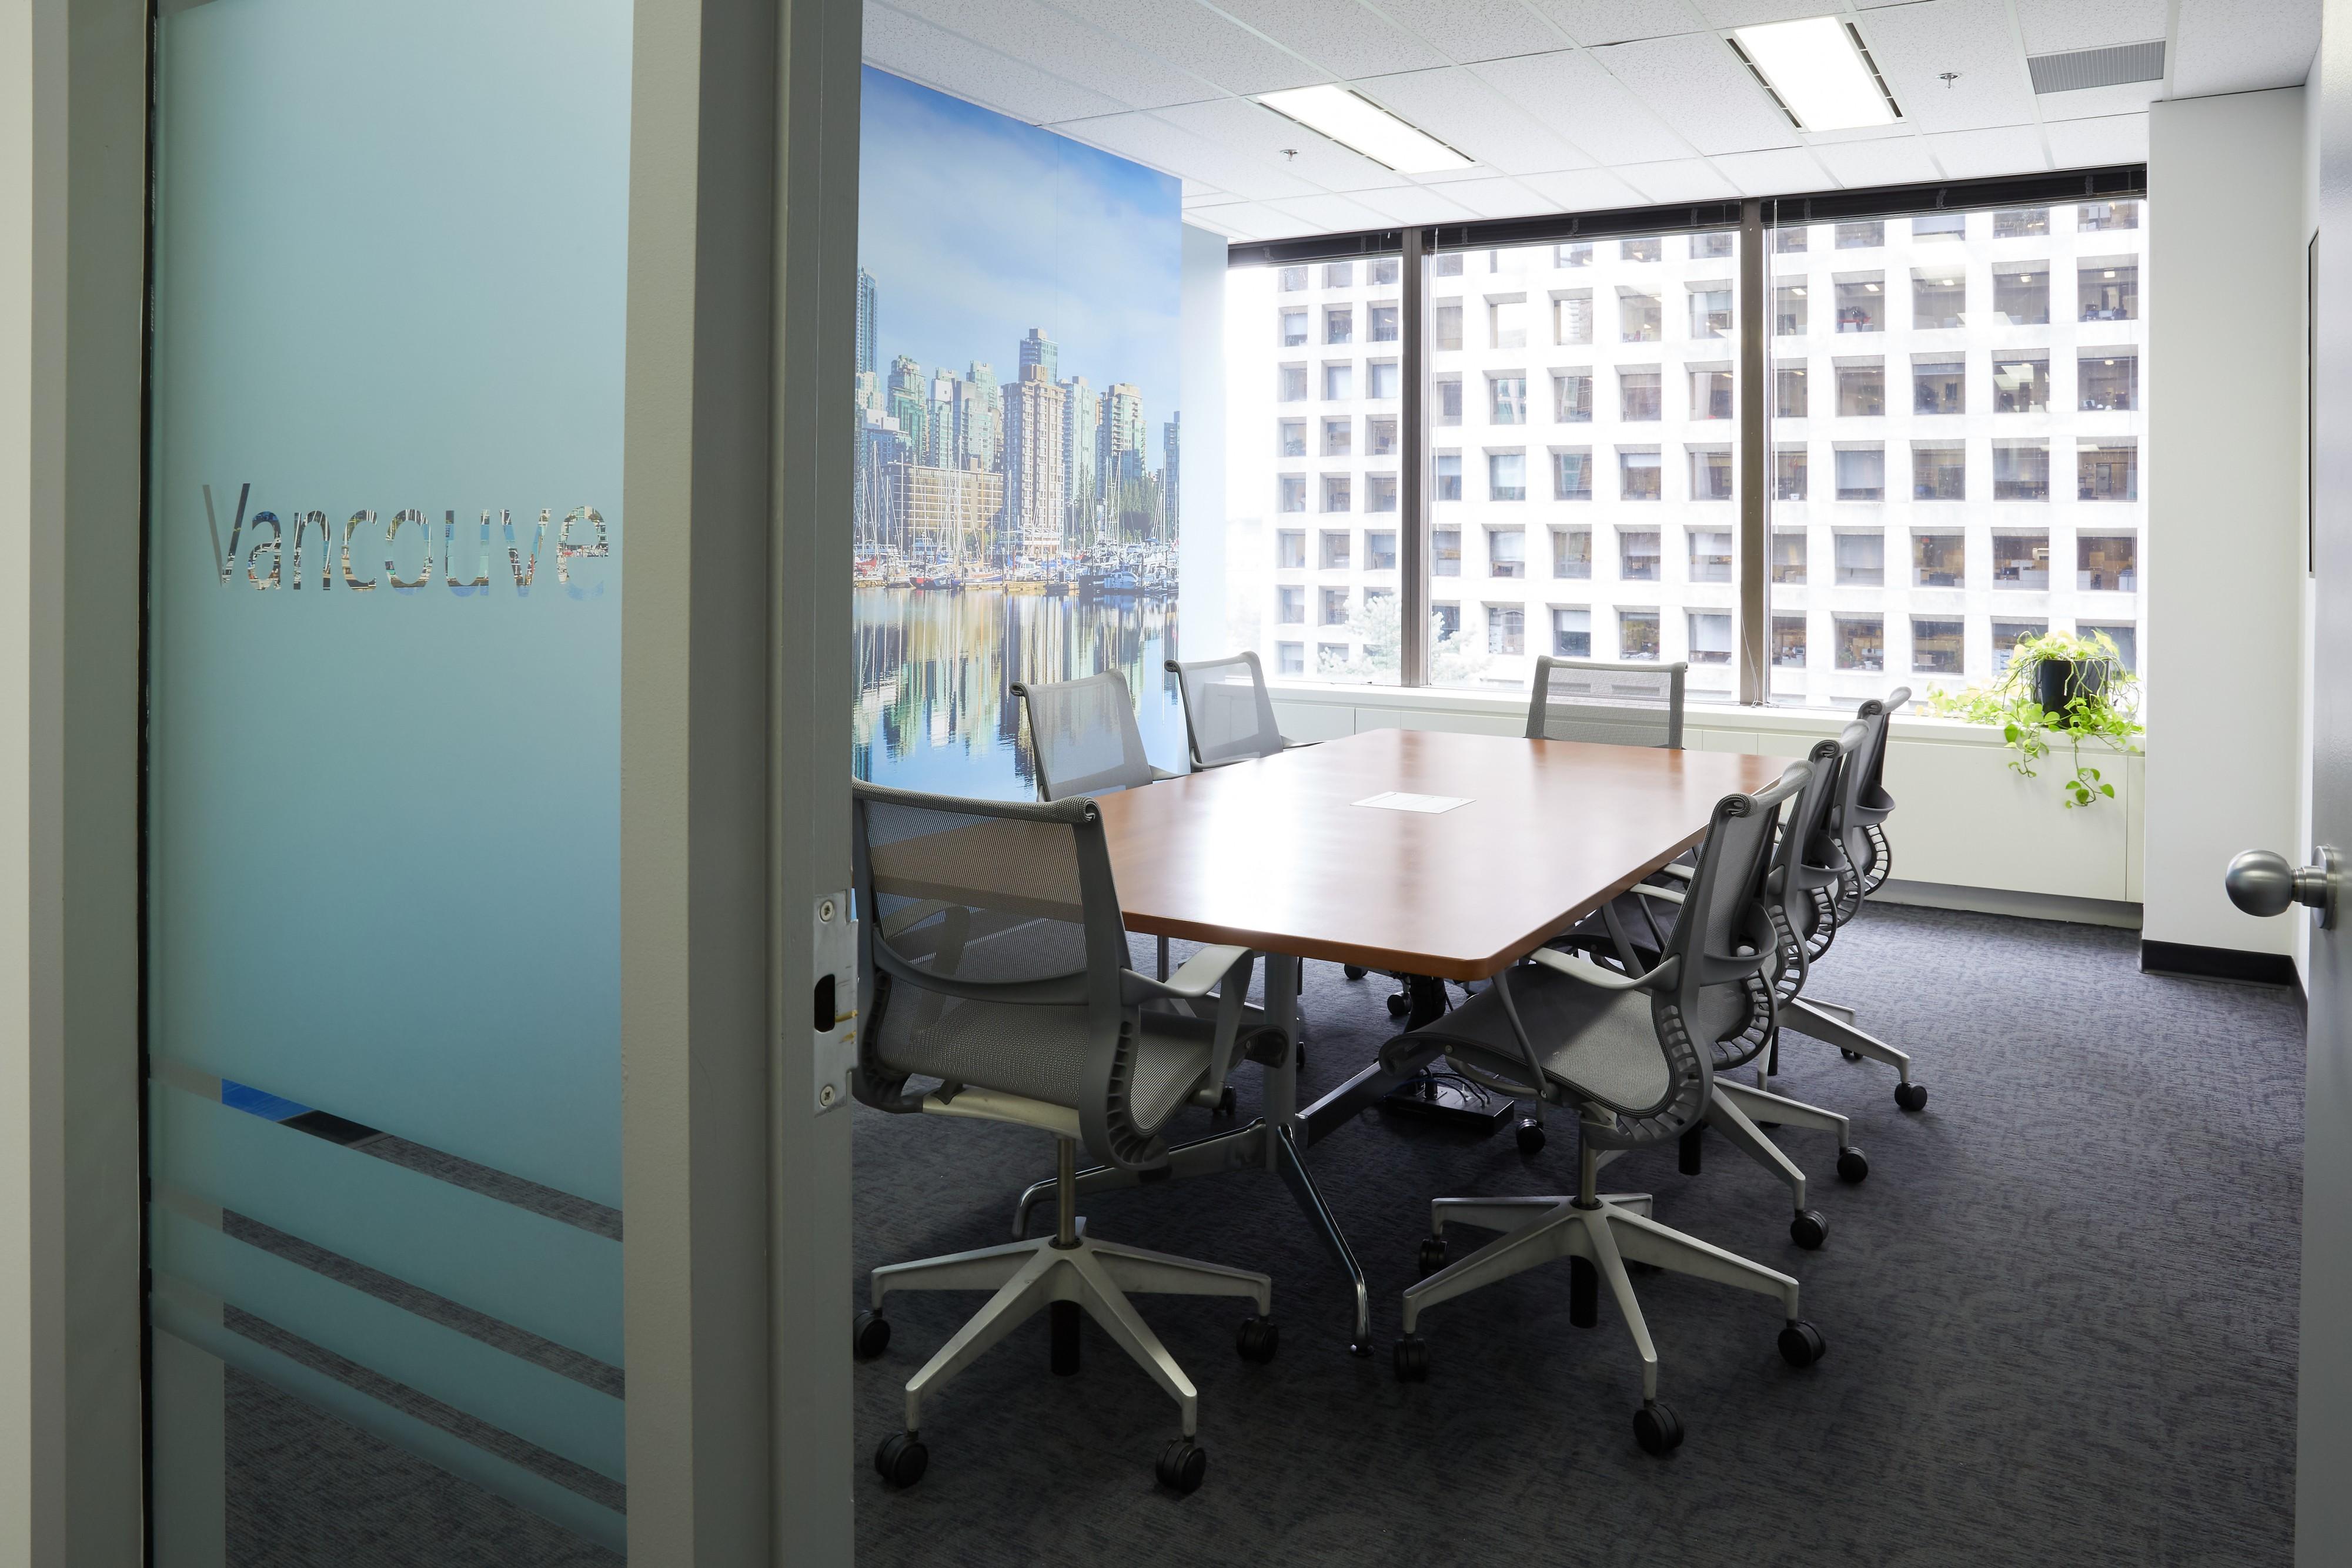 Robert Half® Recruiters & Employment Agency in Vancouver: Meeting room.